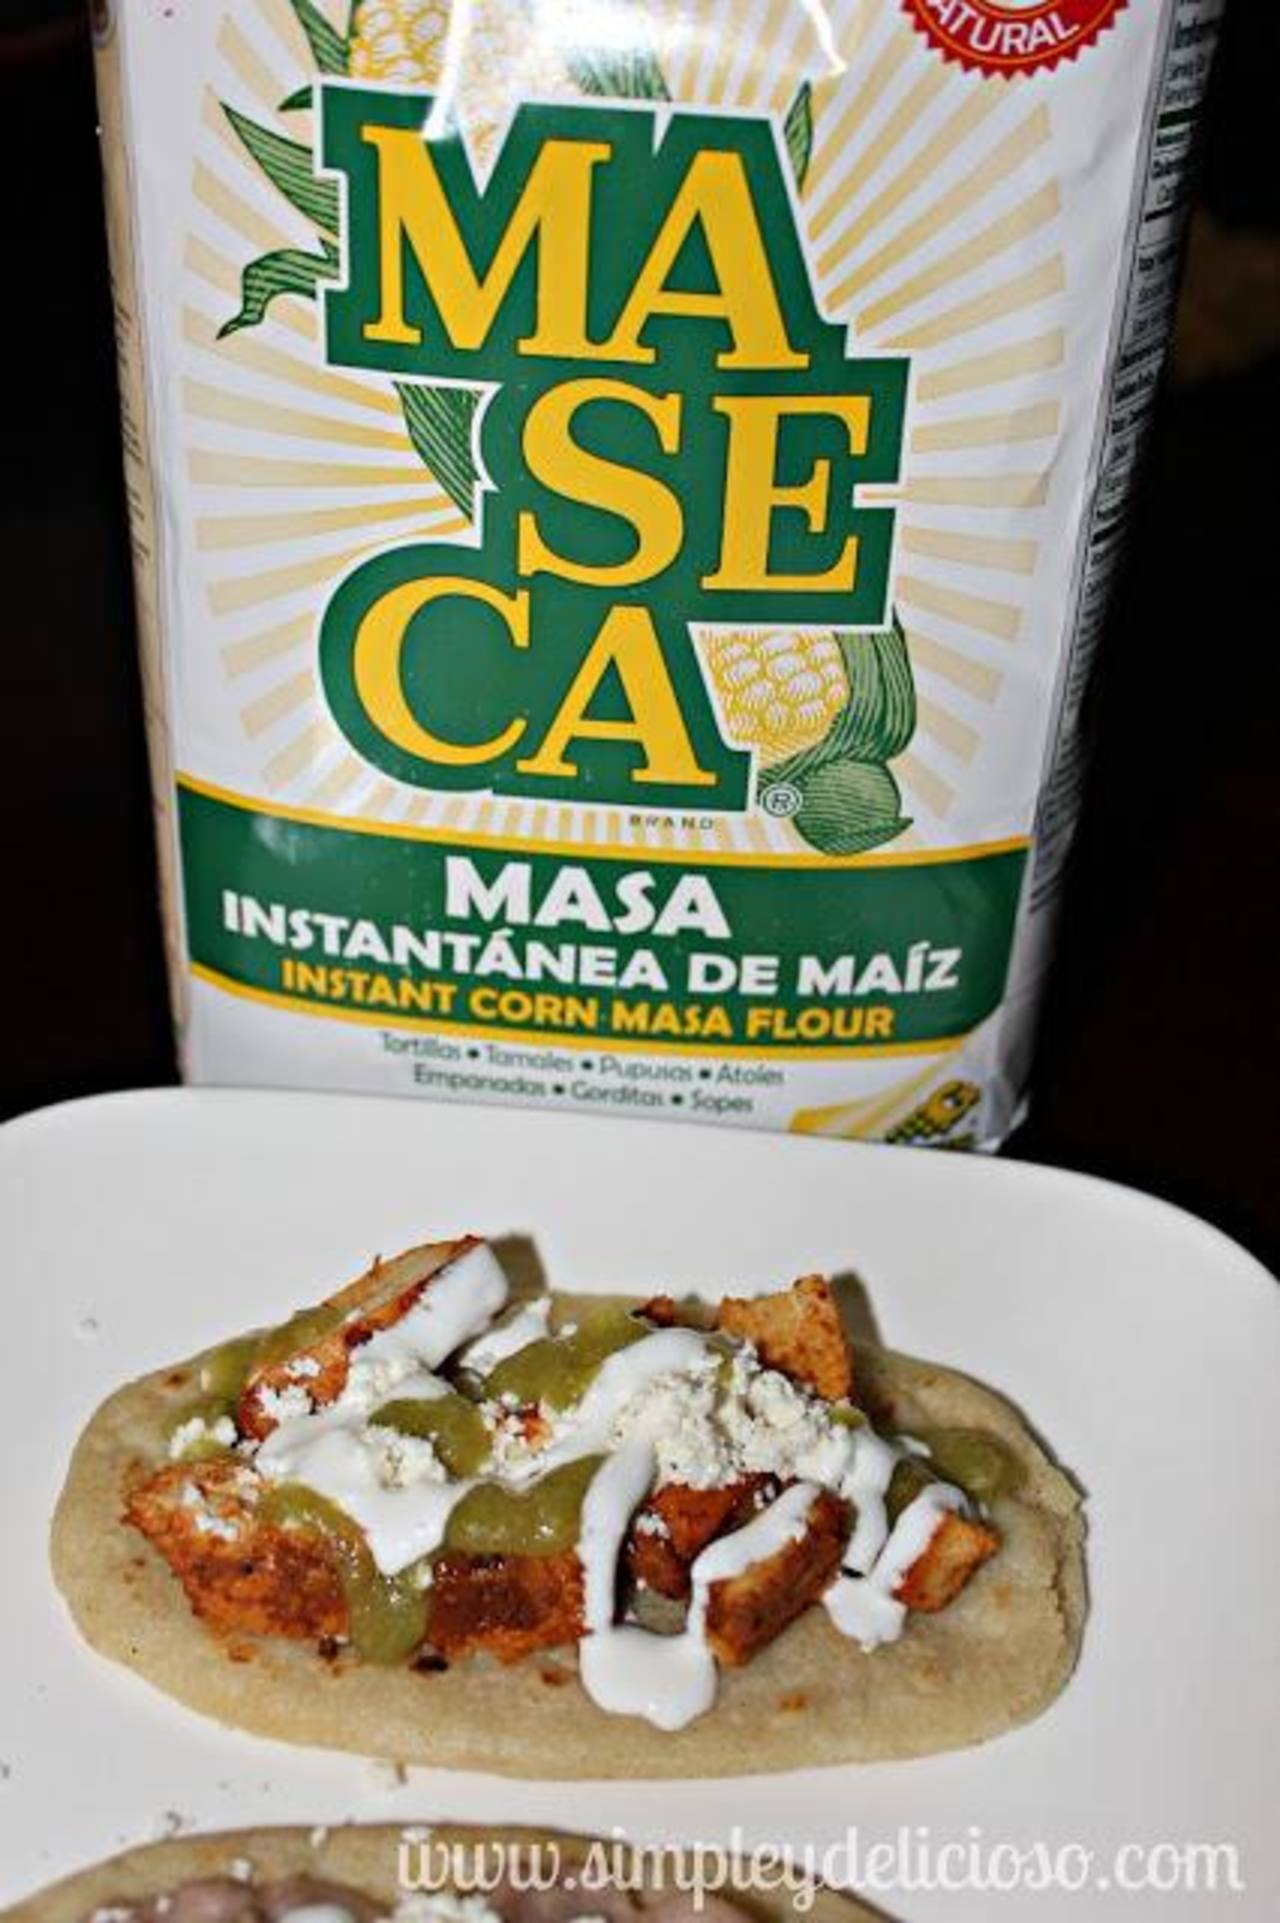 Maseca también ha invertido en proporcionar equipamiento y capacitación a tortilleras de la región. Foto EDH/archivo